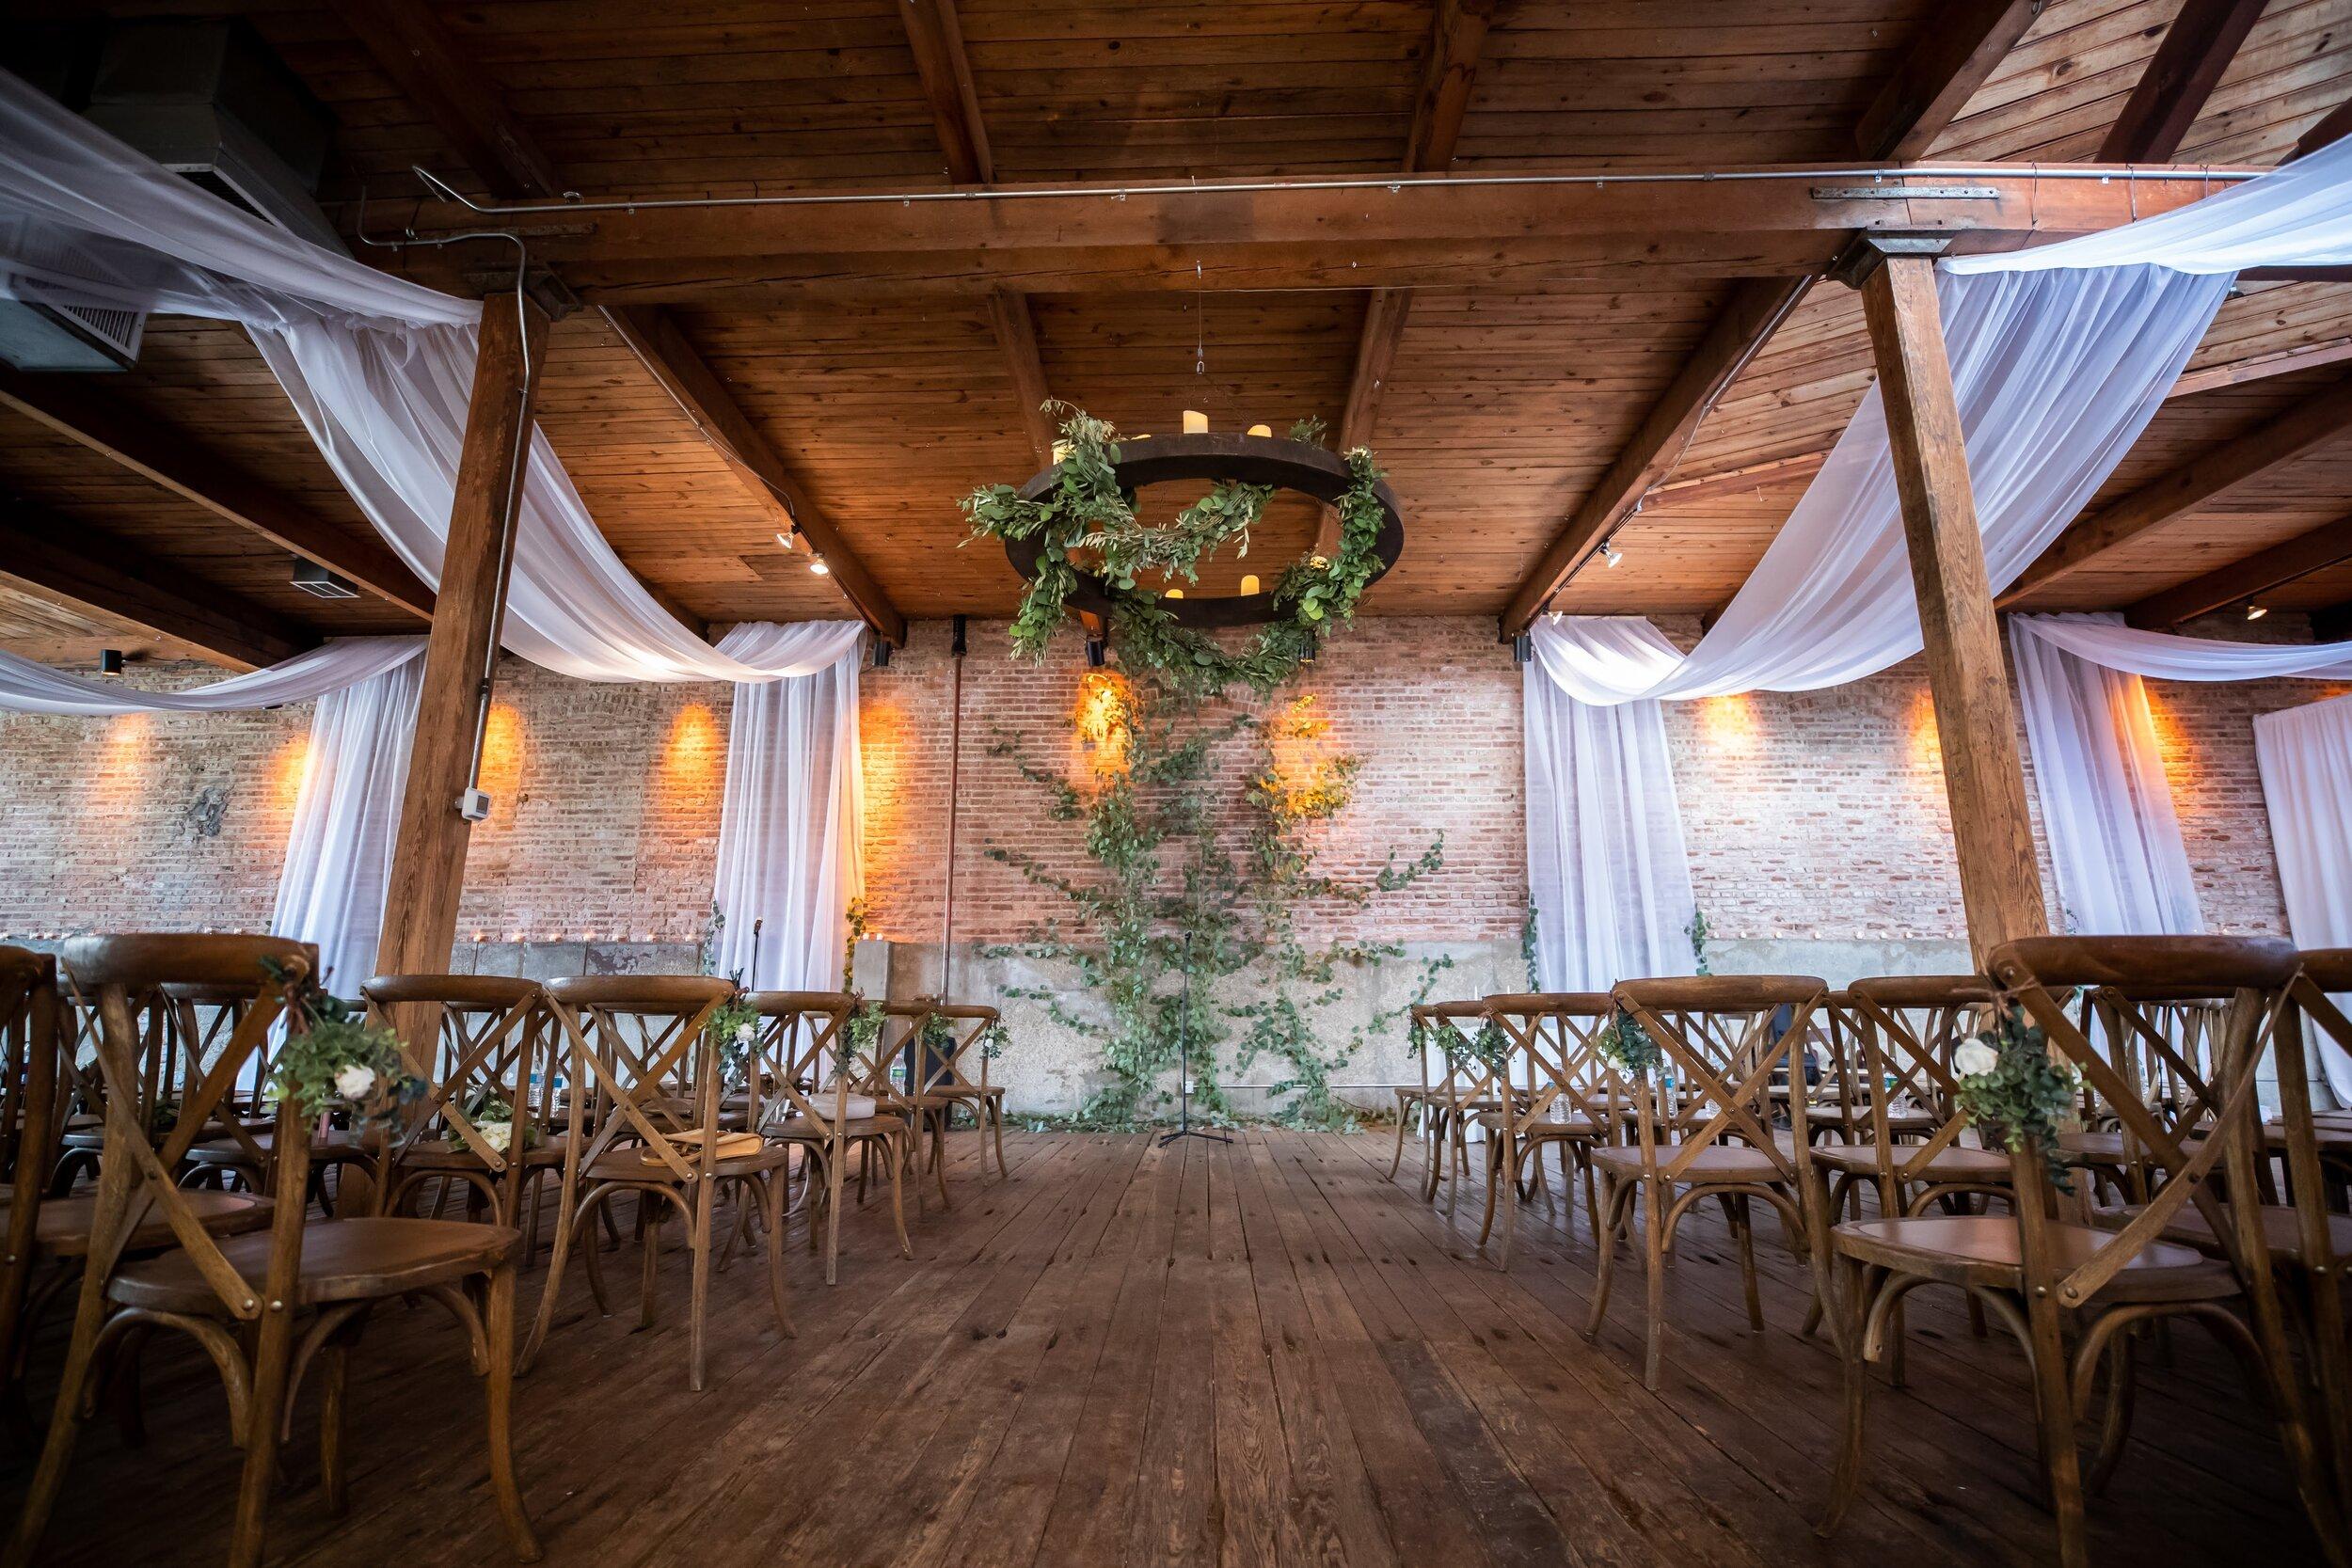 Kirstie-and-Alex-Gallery1028-Chicago-Wedding-Sprung-Photo-396 (1).jpg